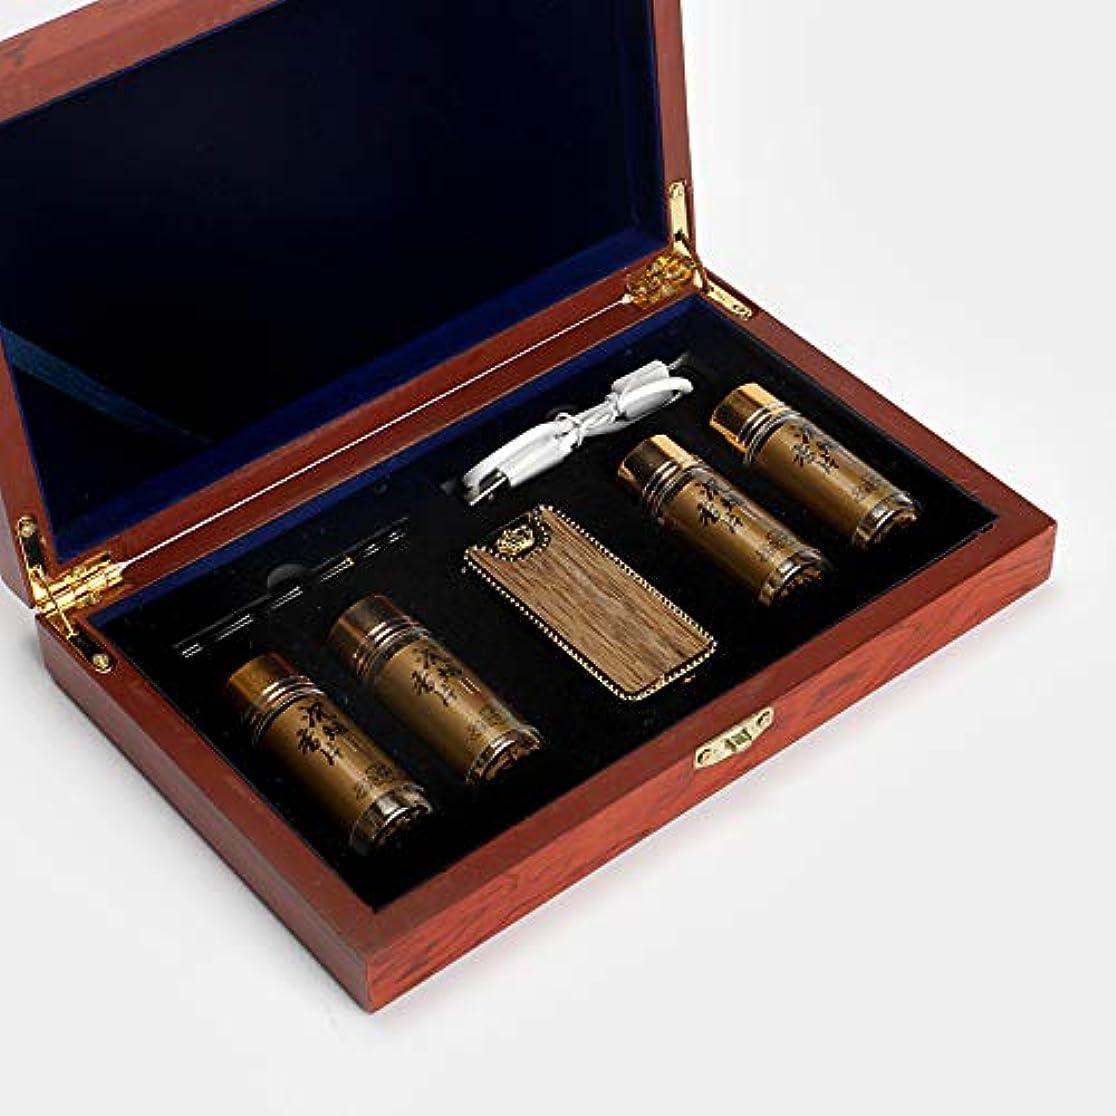 伝説深く万一に備えてDiatems - 五郎クラフトベトナムニャチャンシェンタバコの煙を挿入ギフトボックスShenxiang錠4本のボトル包装